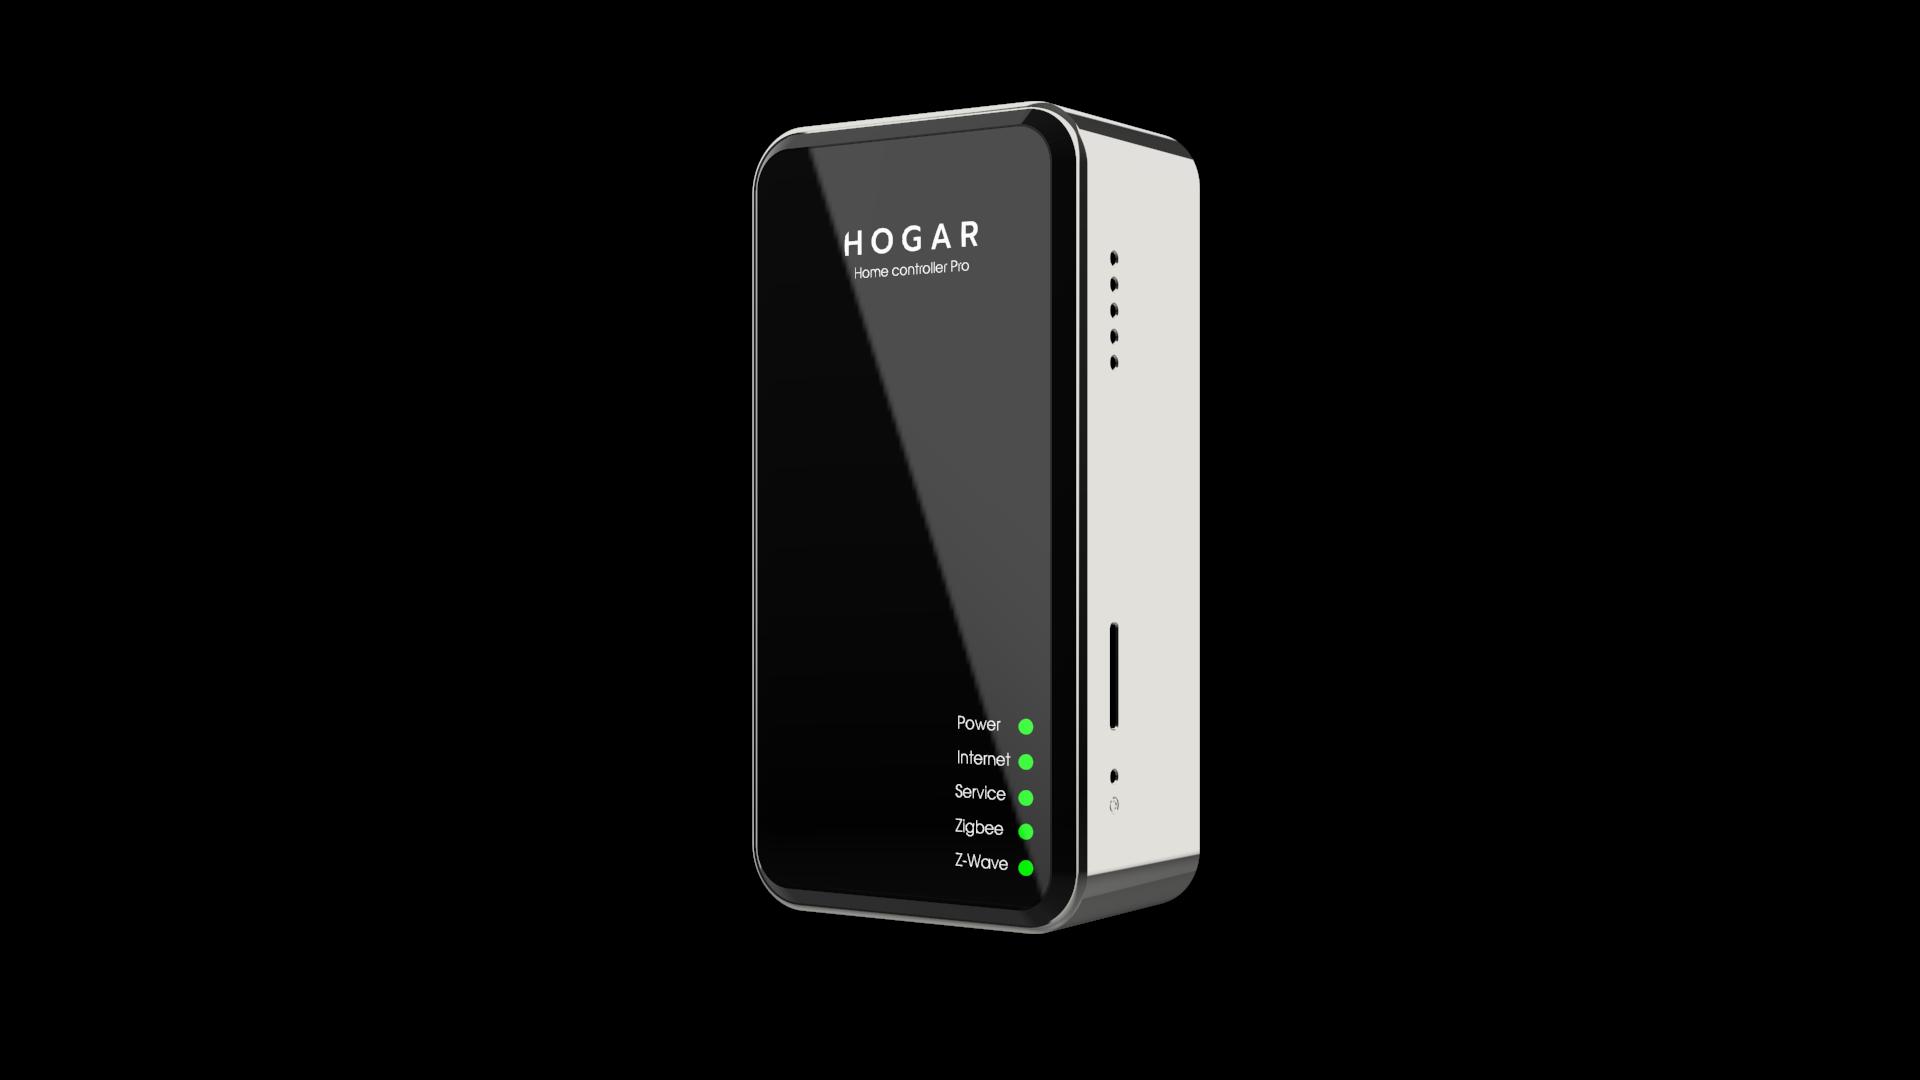 gadgets hogar 6 Smart Home Gift Ideas For Thanksgiving Hogar Controls